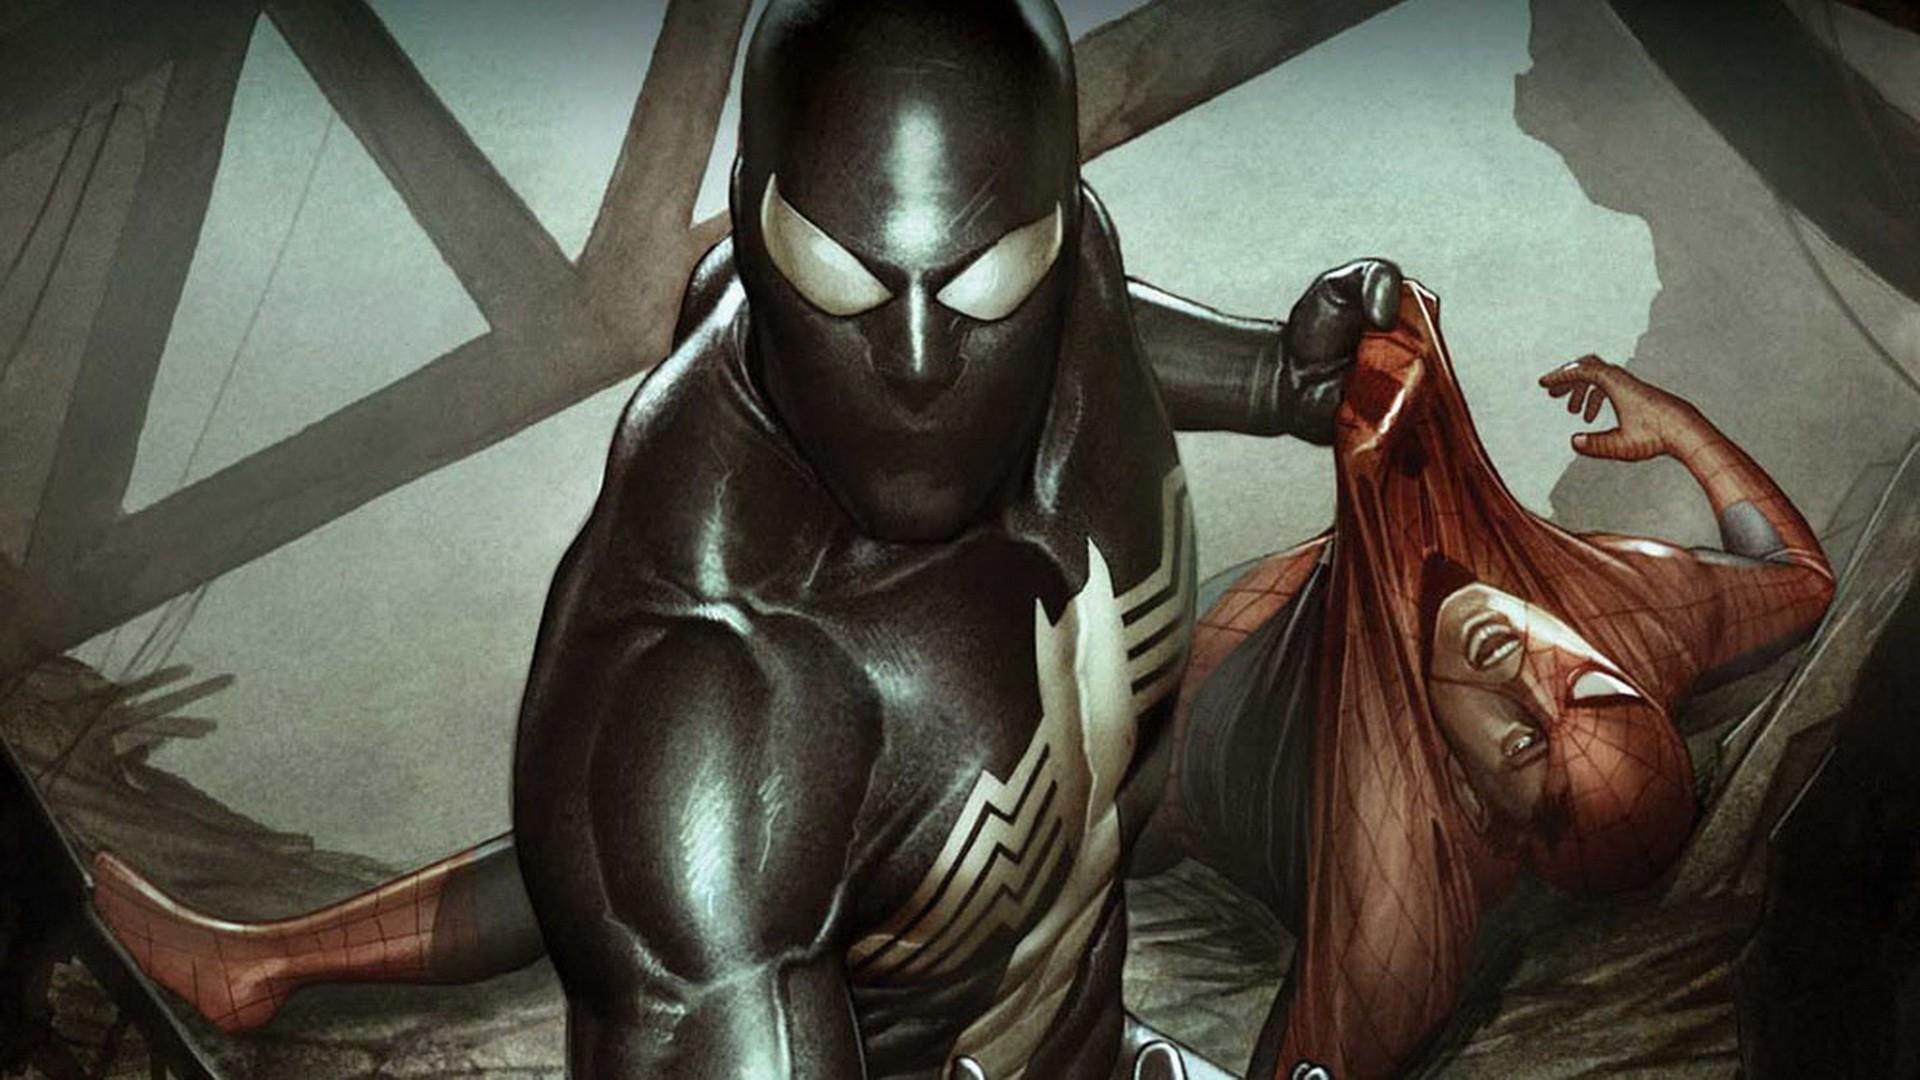 comics Spider-man Marvel Comics Ultimate Spider-Man / Wallpaper